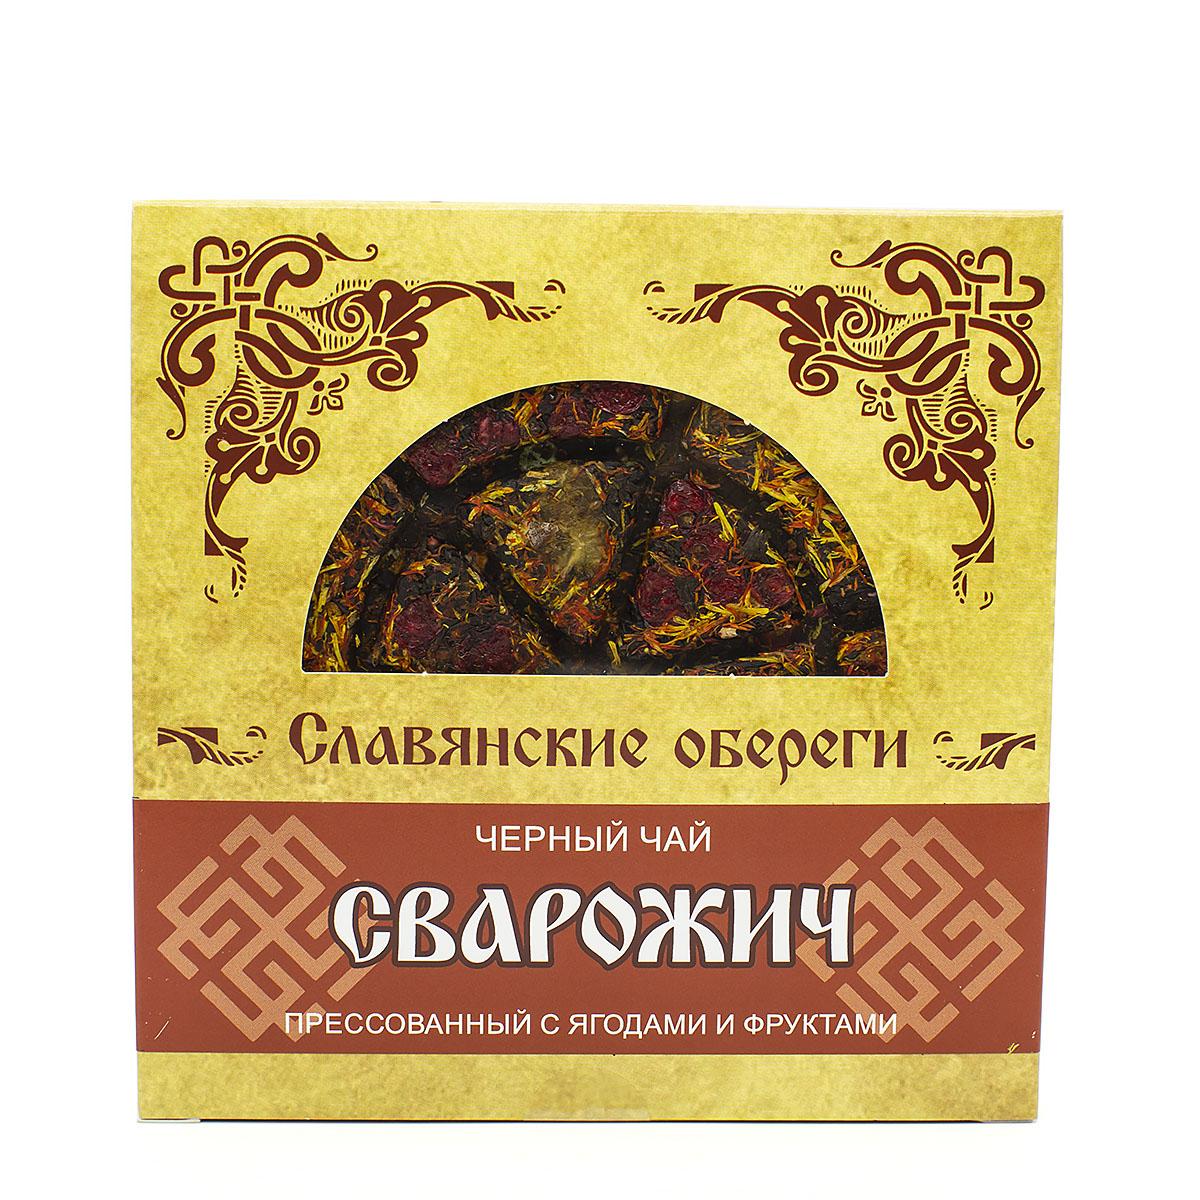 Чай чёрный Сварожич, прессованный, блин, 125 г